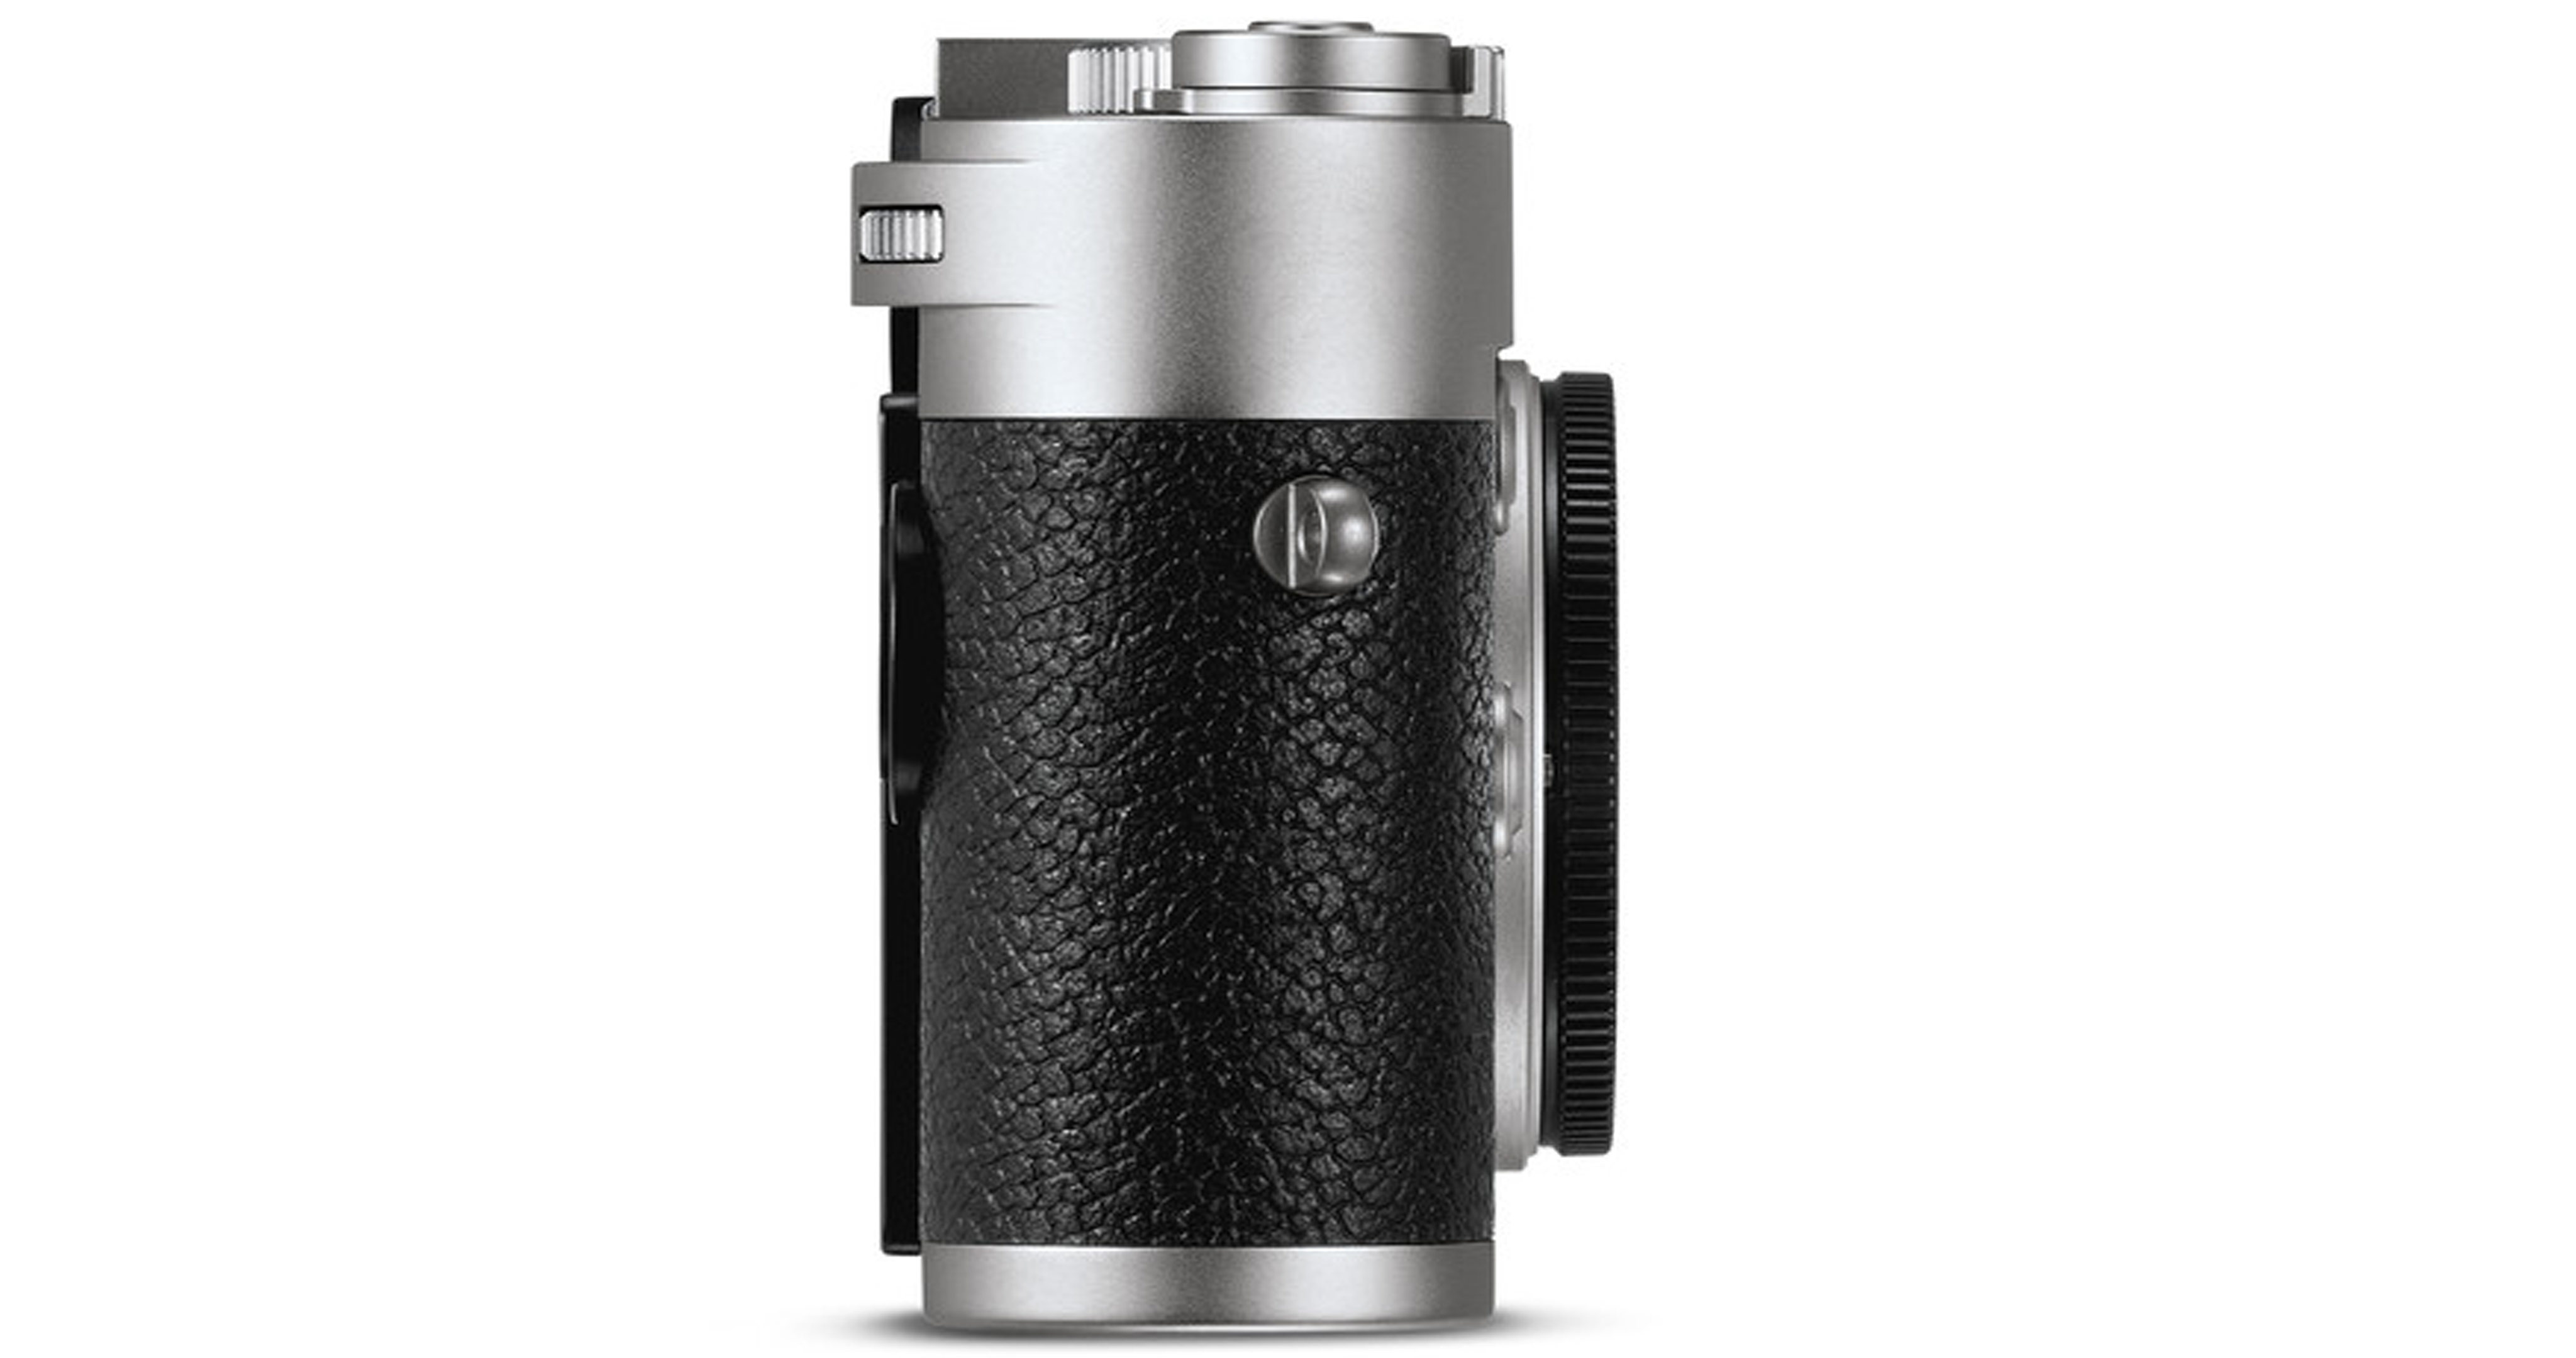 Leica Q Camera Review - Leica Q vs Leica M10 review - Leica Review - Oz Yilmaz